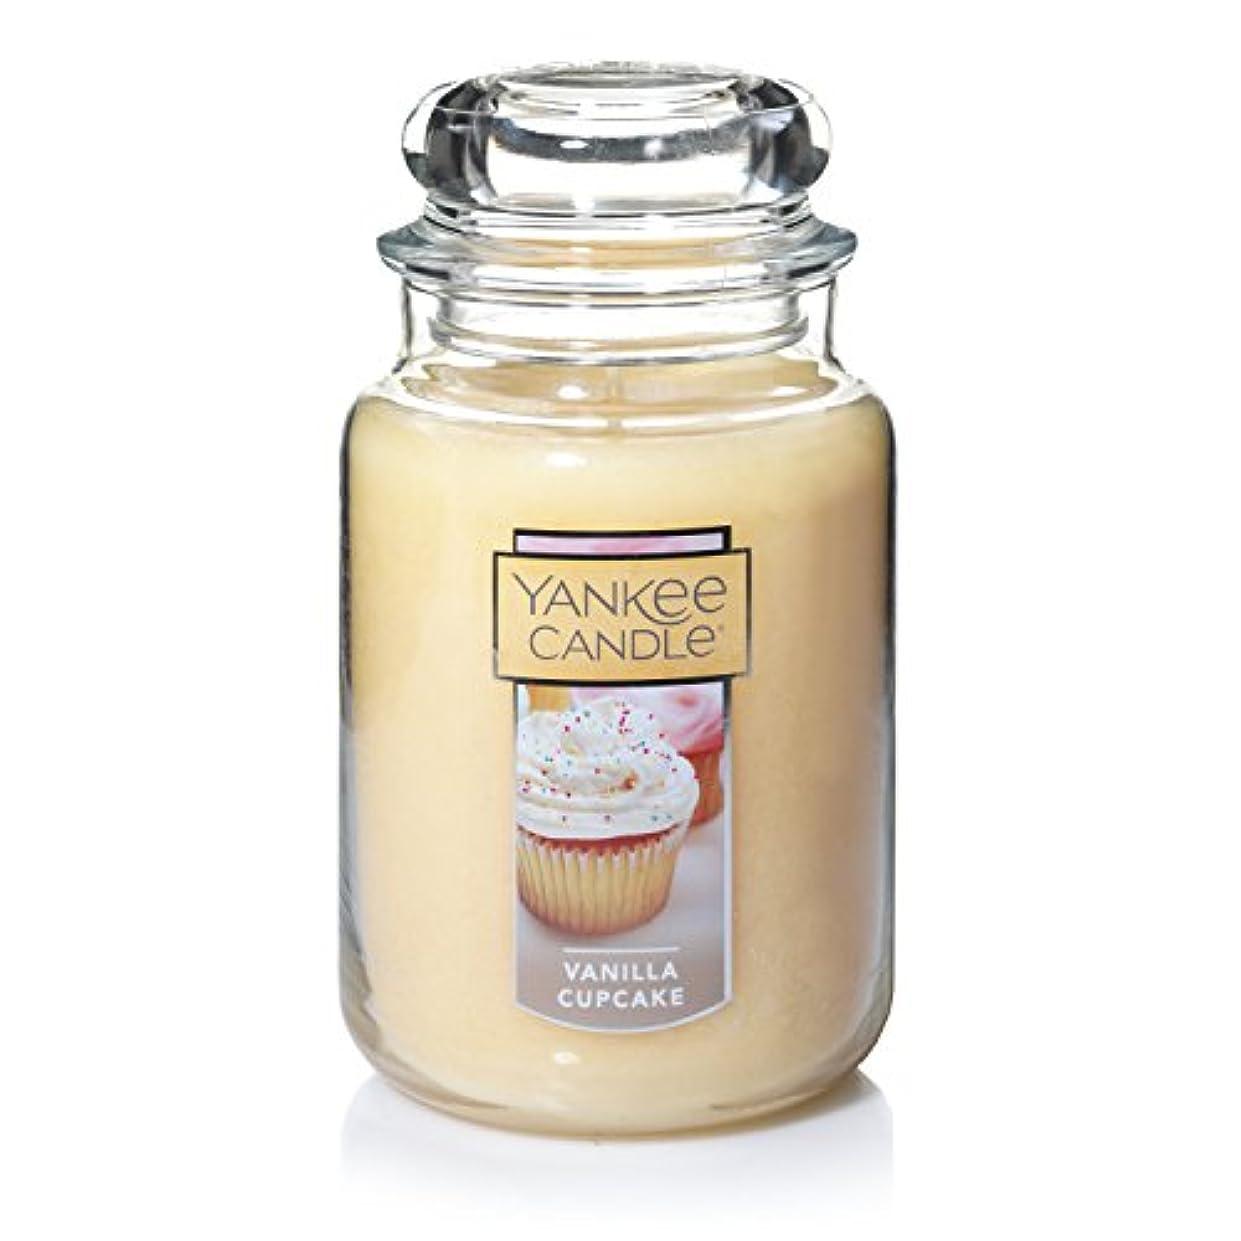 考慮アフリカ人ボイドYankee Candle Company Vanilla Cupcake Large Jar Candle by Yankee Candle